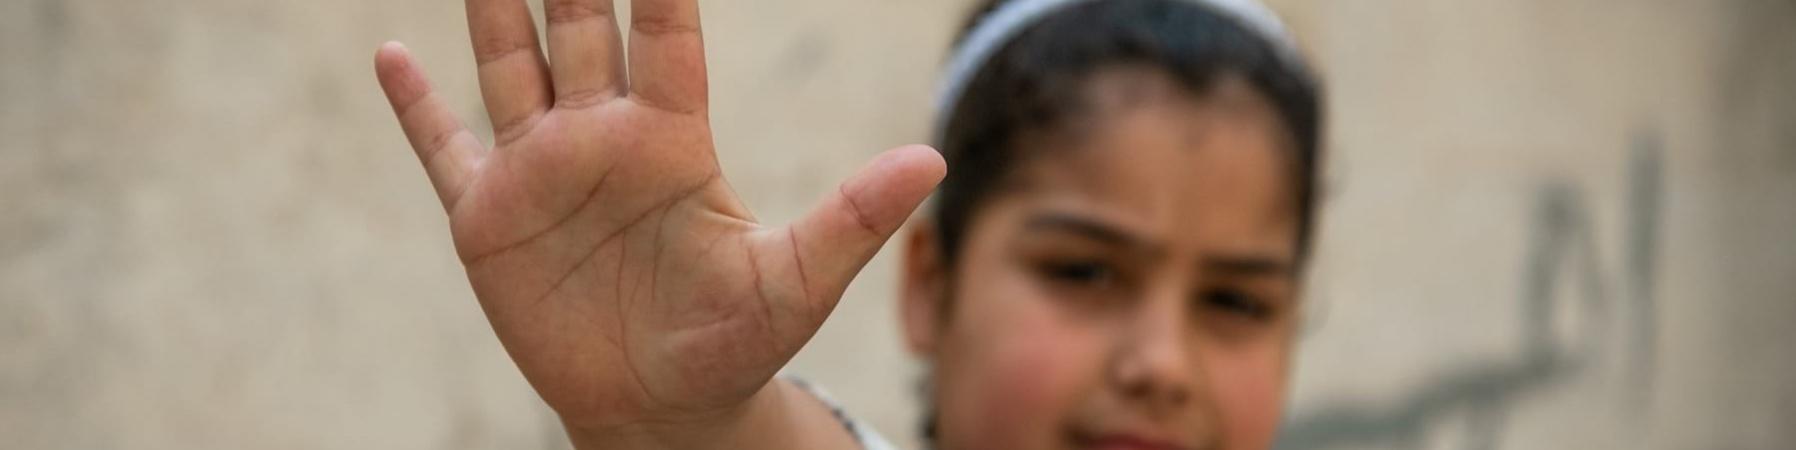 Primo piano di una bambina con la mano davanti facendo gesto di stop